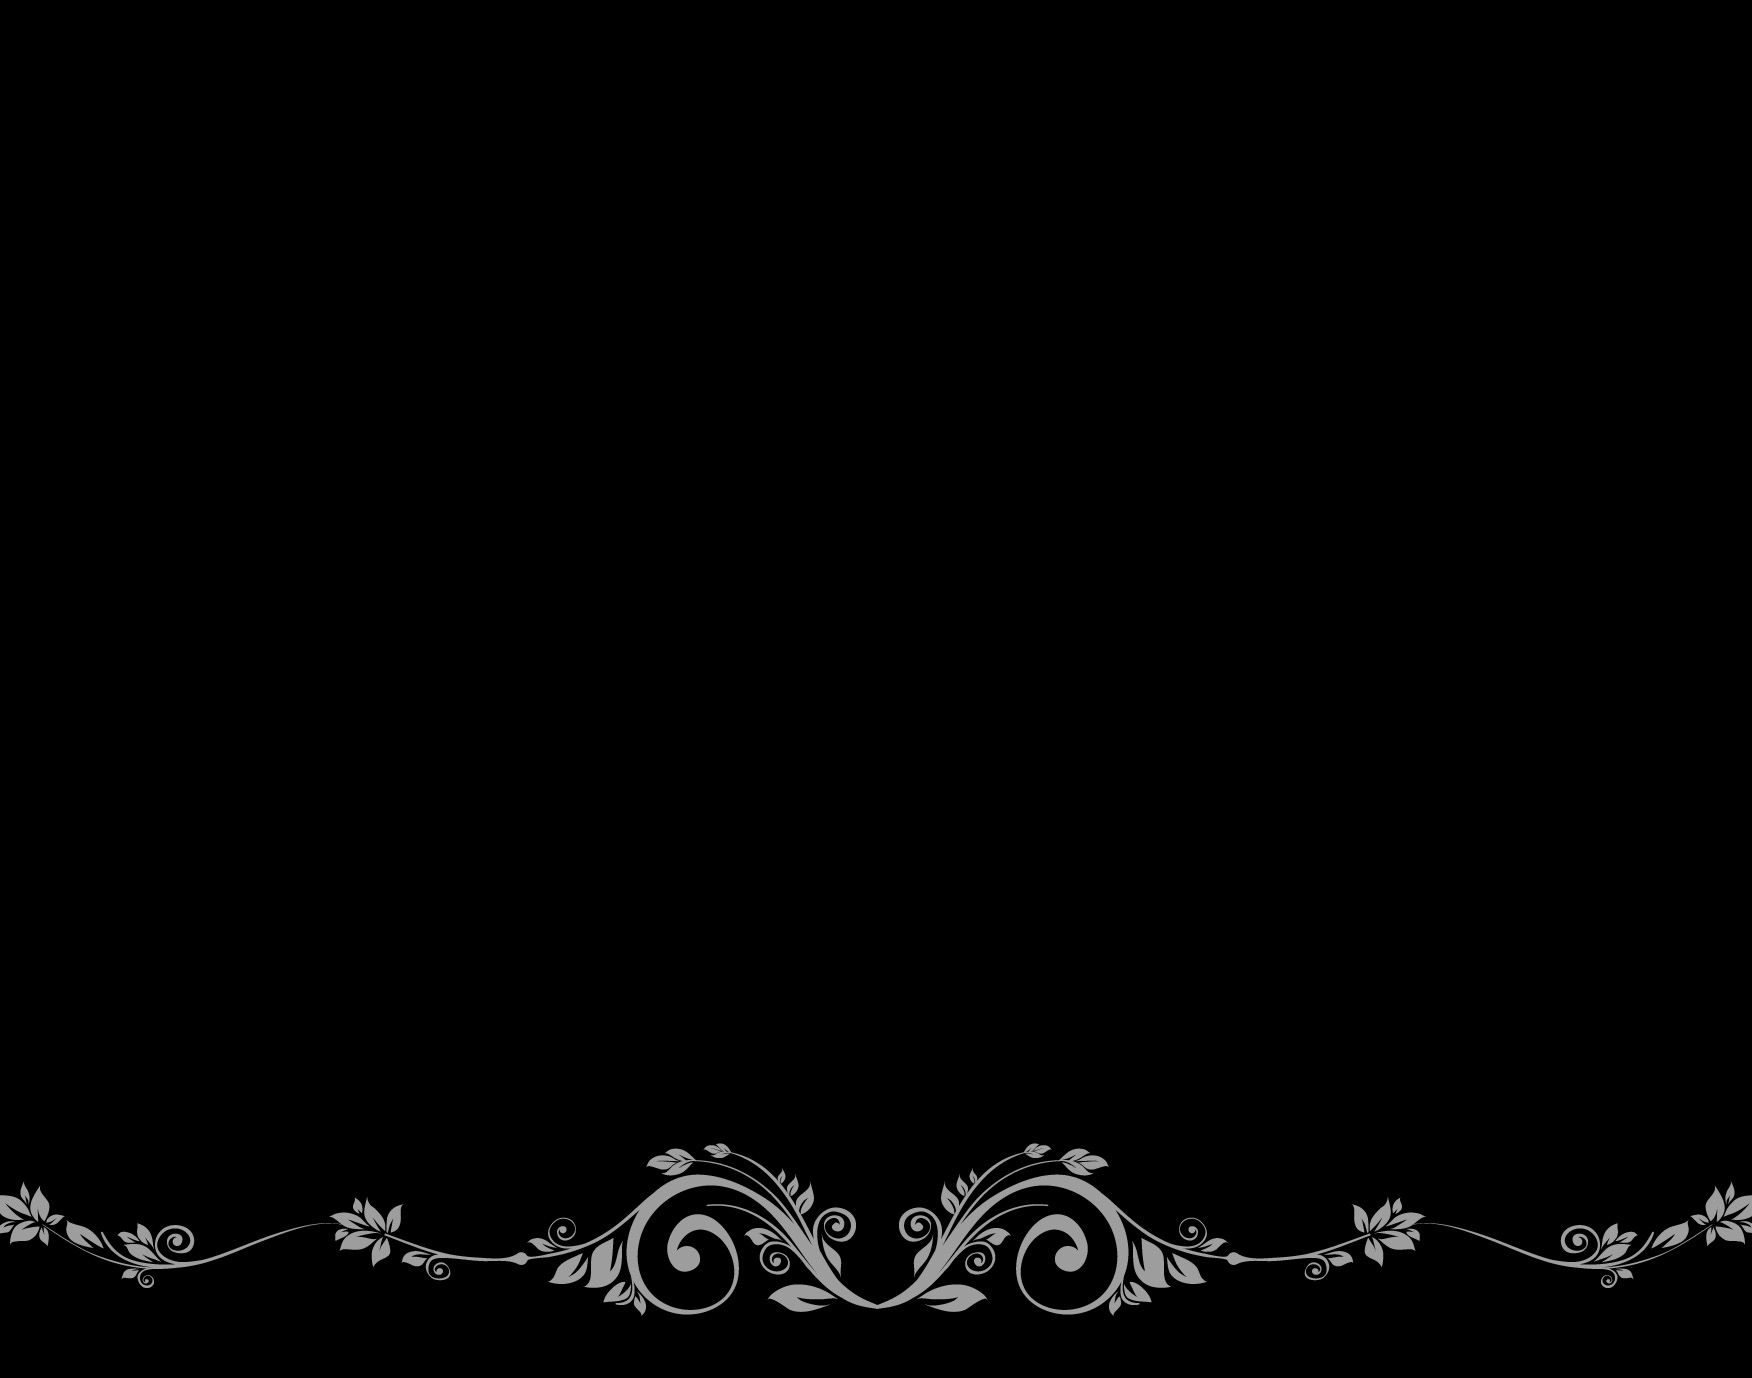 ppt background elegant black border ppt backgrounds elegant black 1752x1378